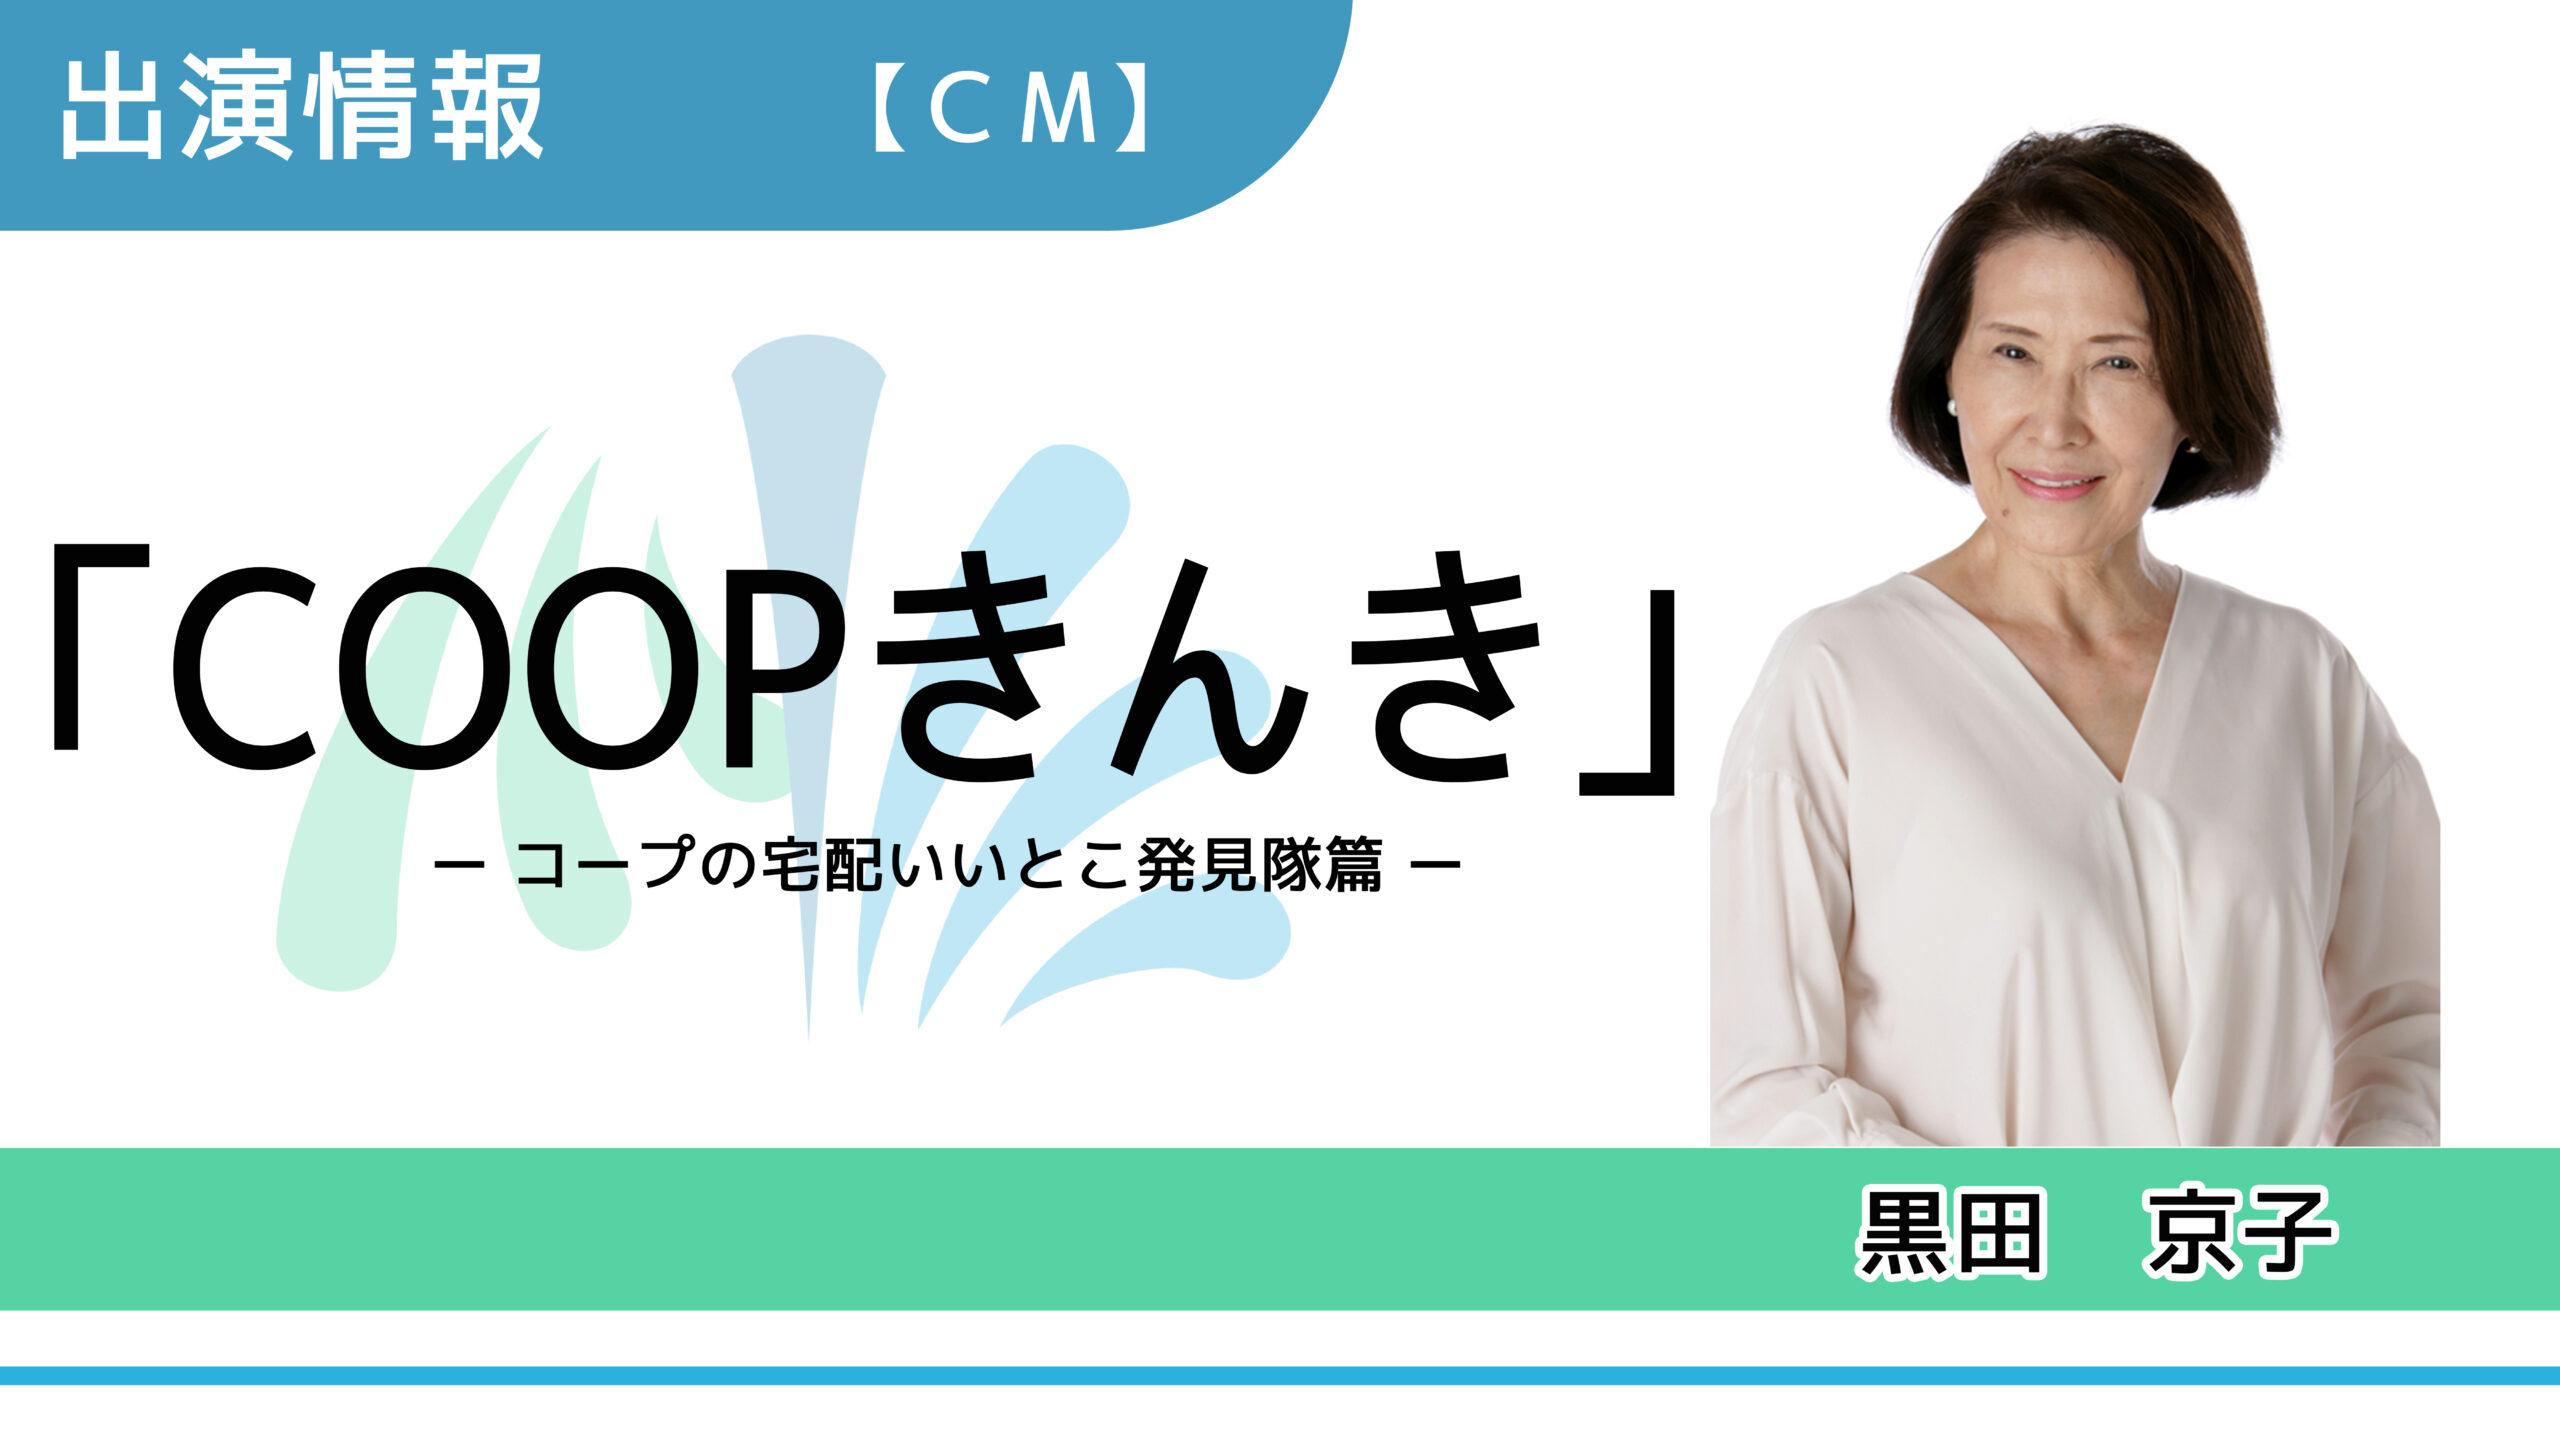 【出演情報】黒田京子 / 「COOPきんき-コープの宅配いいとこ発見隊篇-」CM 出演